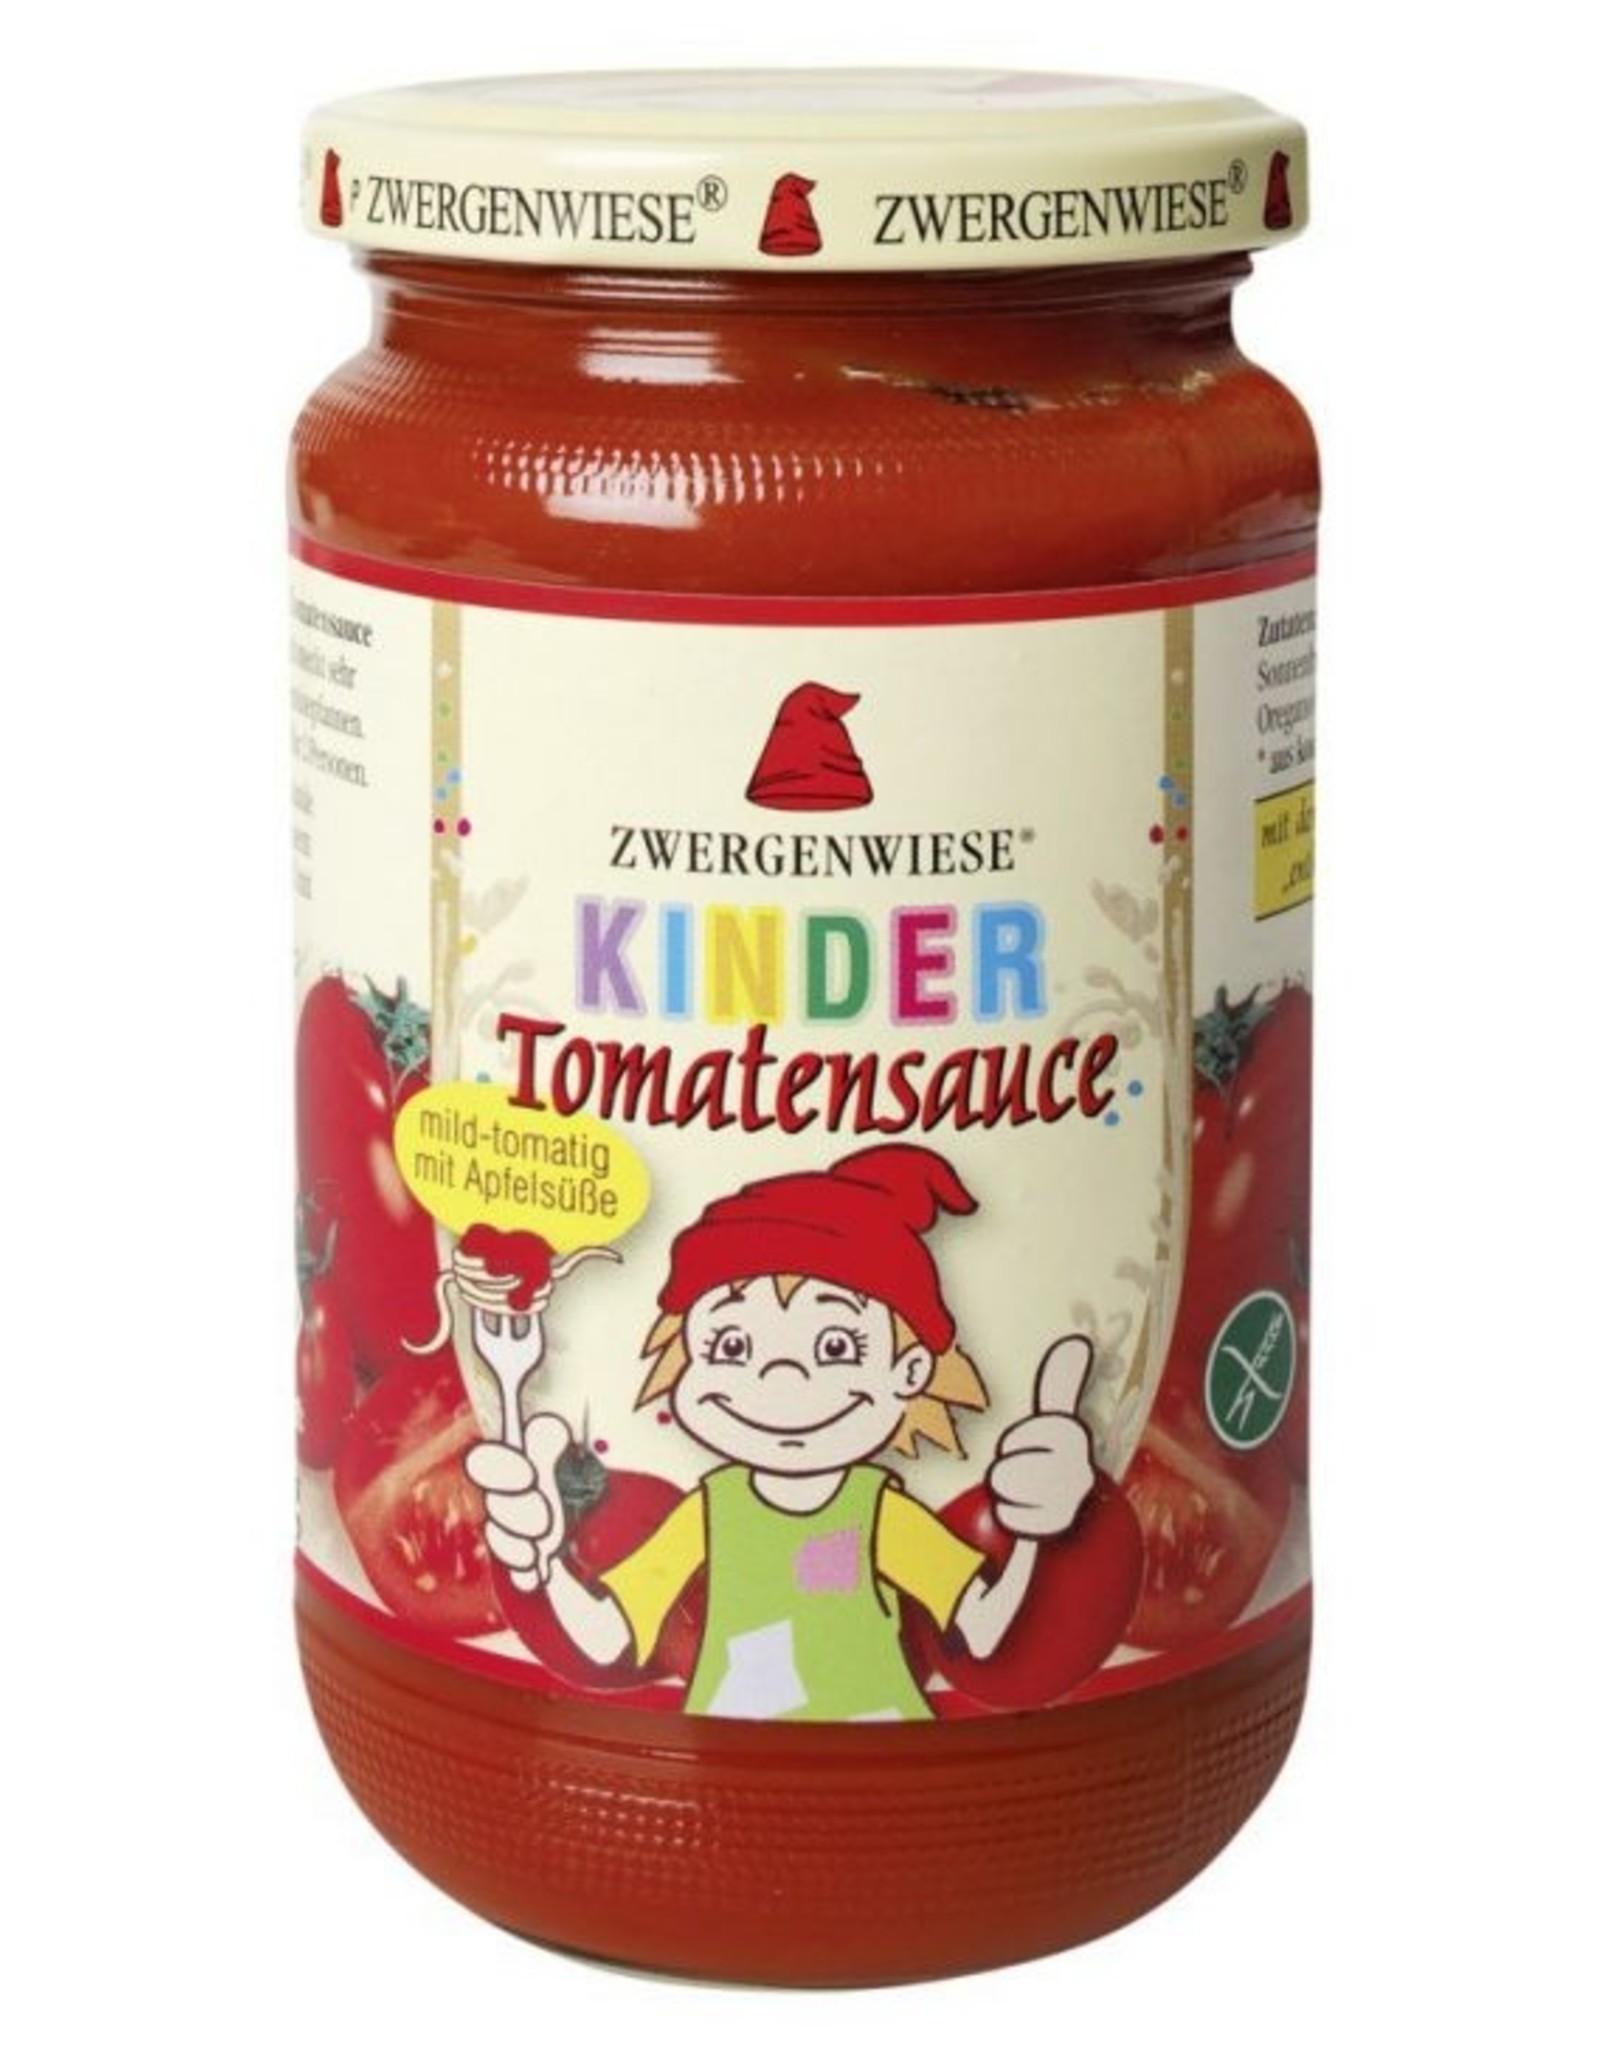 ZWERGENWIESE Kinder Tomatensauce, 340ml